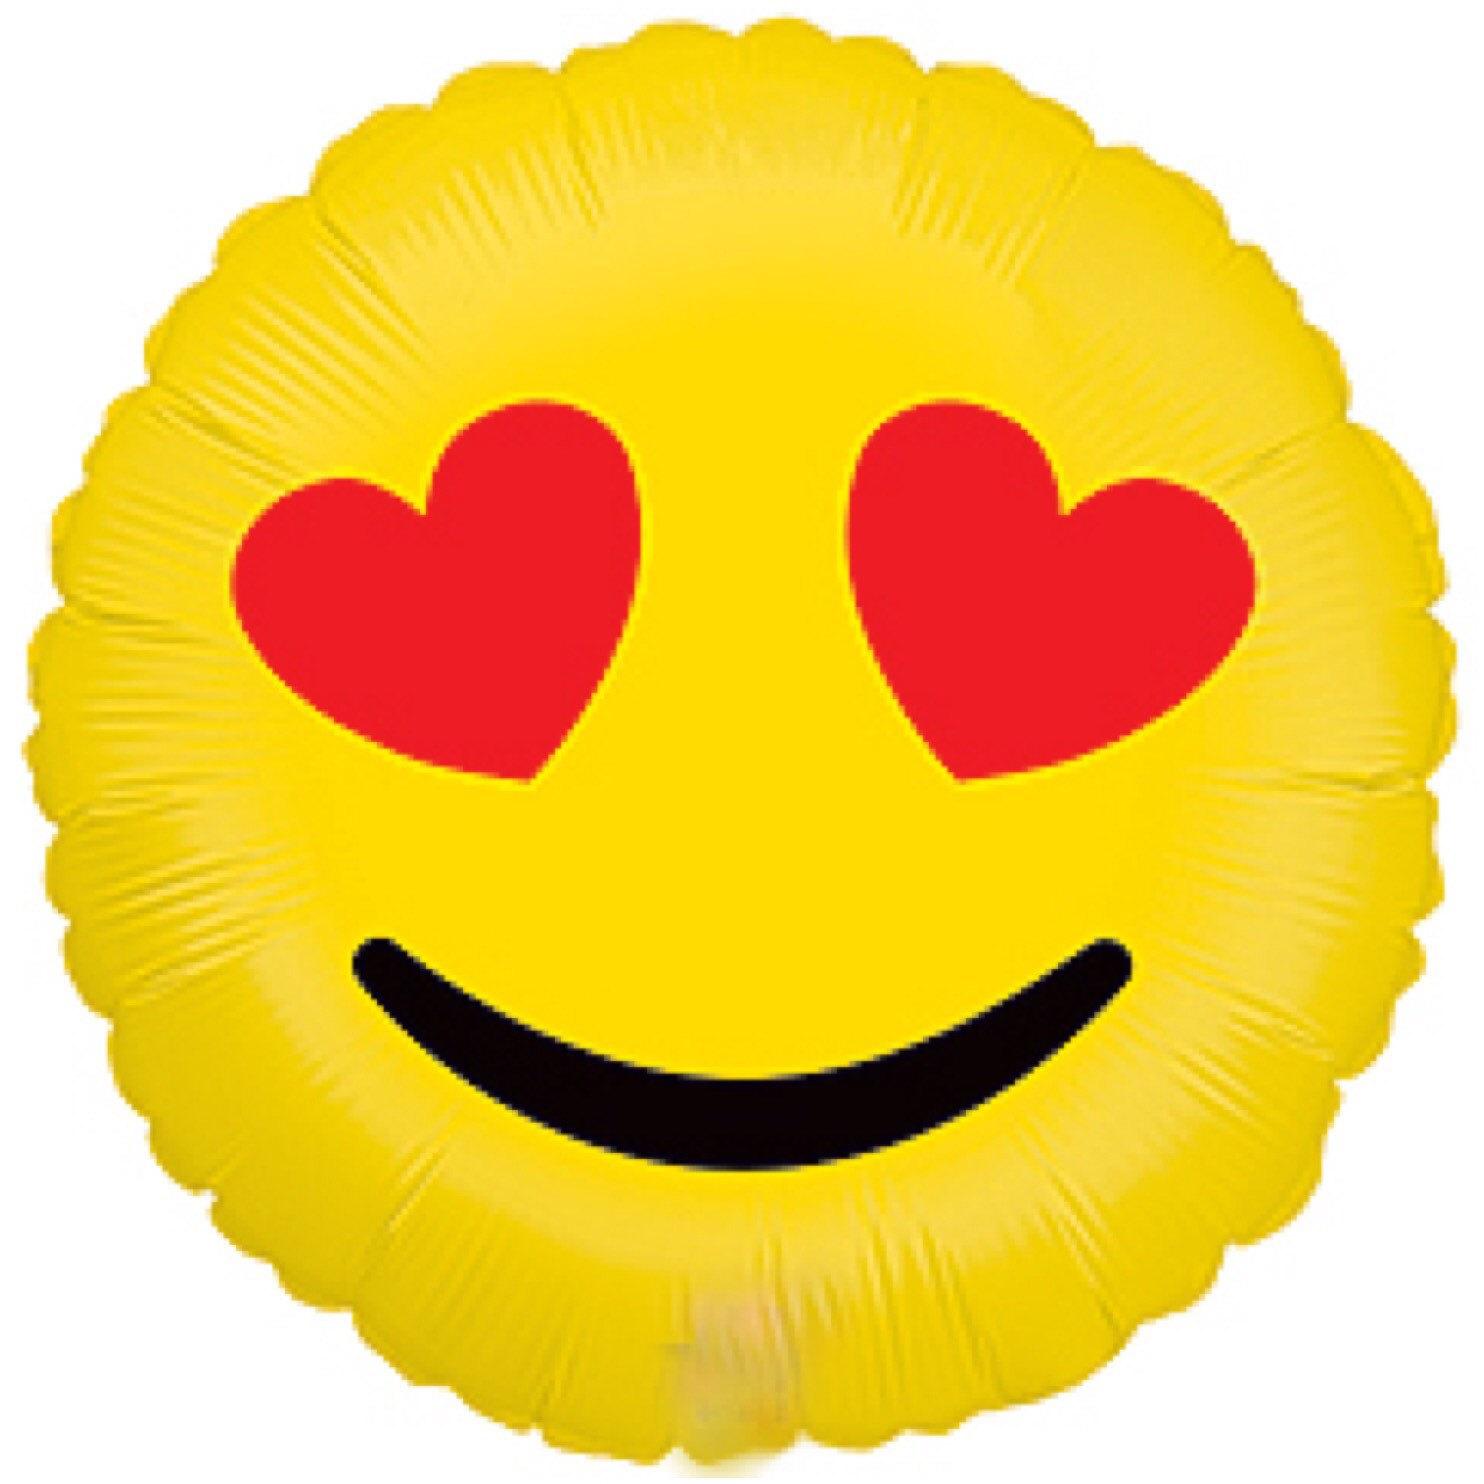 1484x1484 Emoji Balloon 18 Emoji Hearts Emoticon Love Smiles